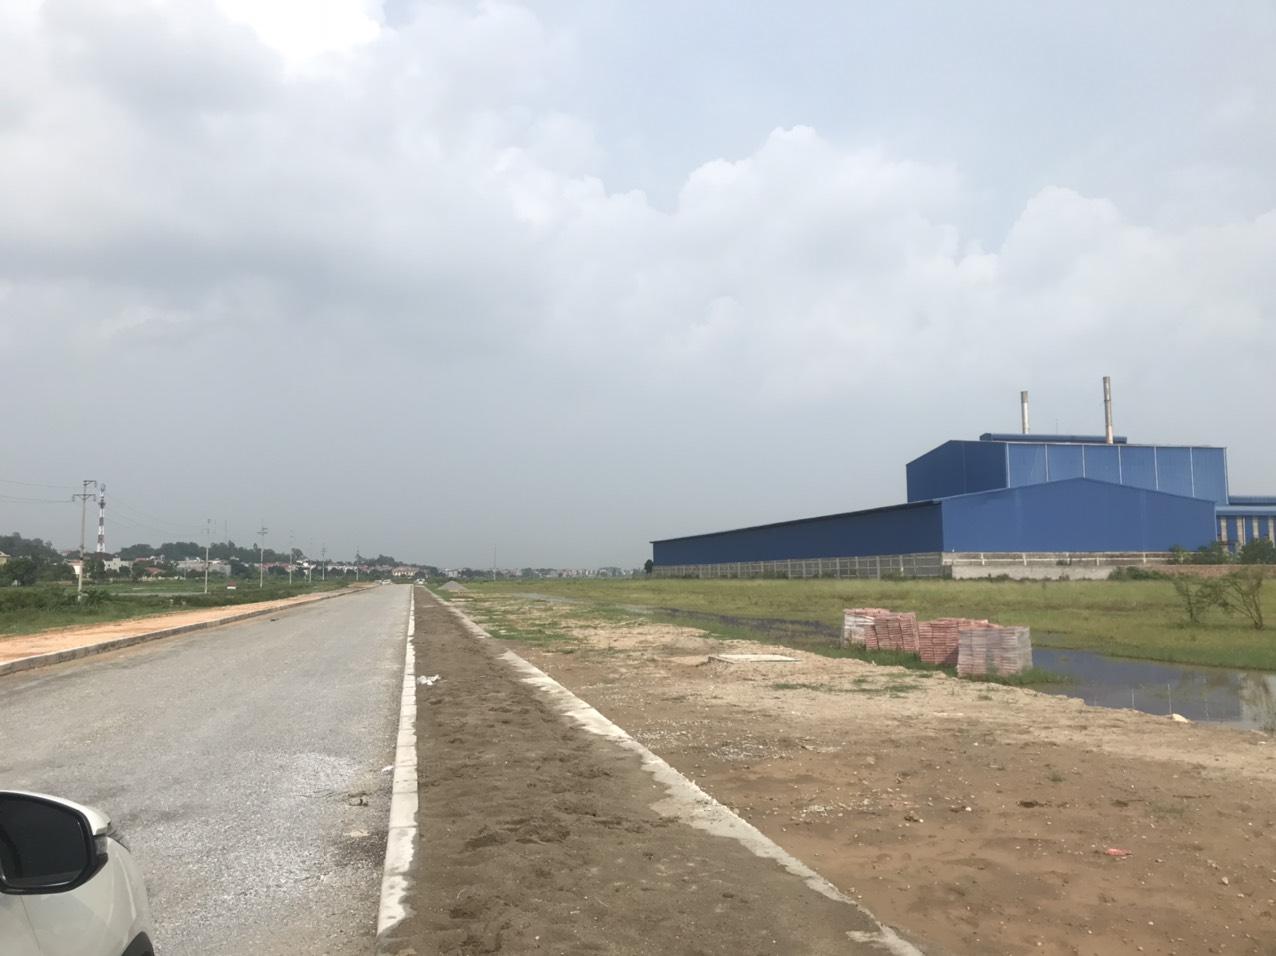 duy nhất lô đất công nghiệp dt nhỏ 6000, 8000m2 tại KCN Bắc Ninh đã sẵn hạ tầng bàn giao ngay